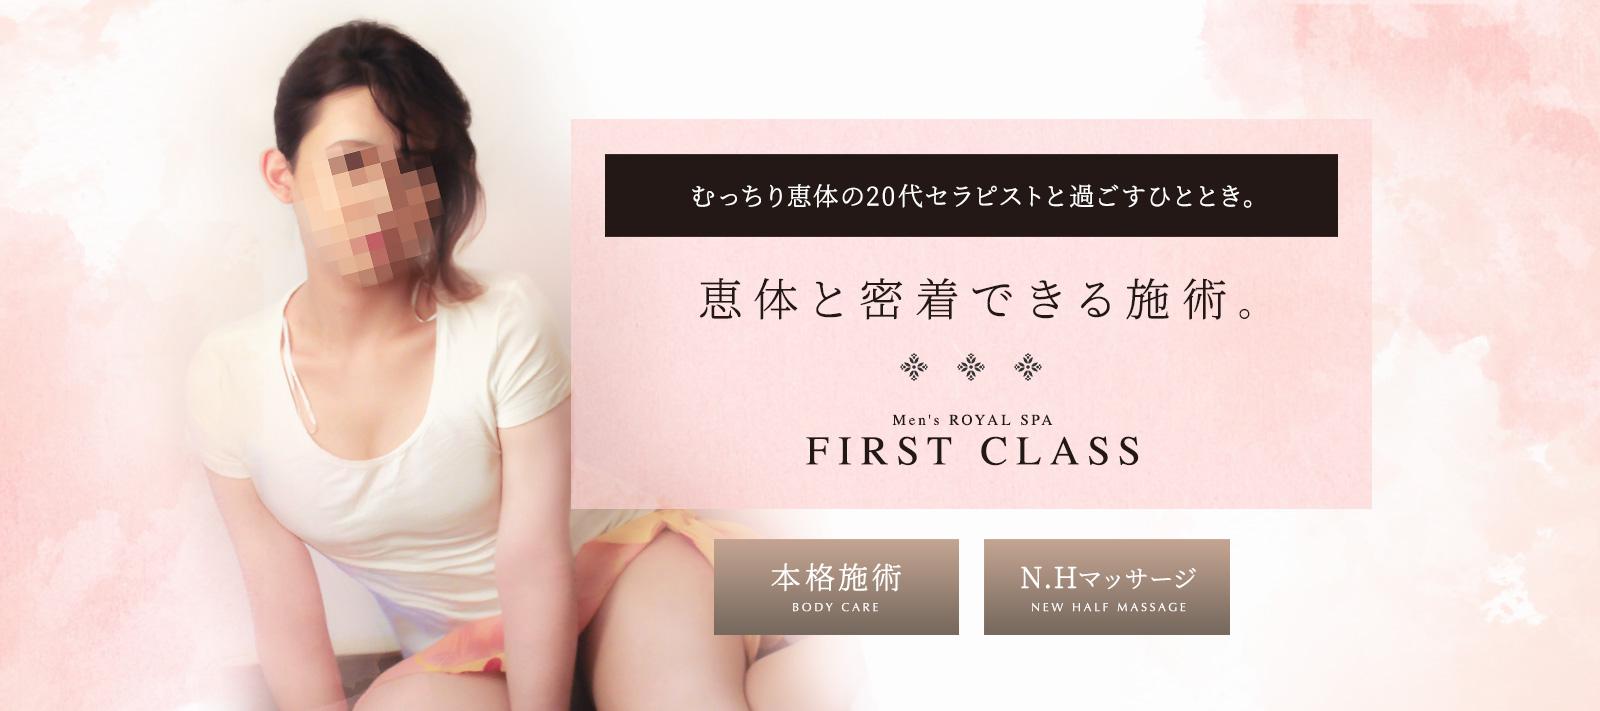 大阪ニューハーフマッサージ FIRST CLASS